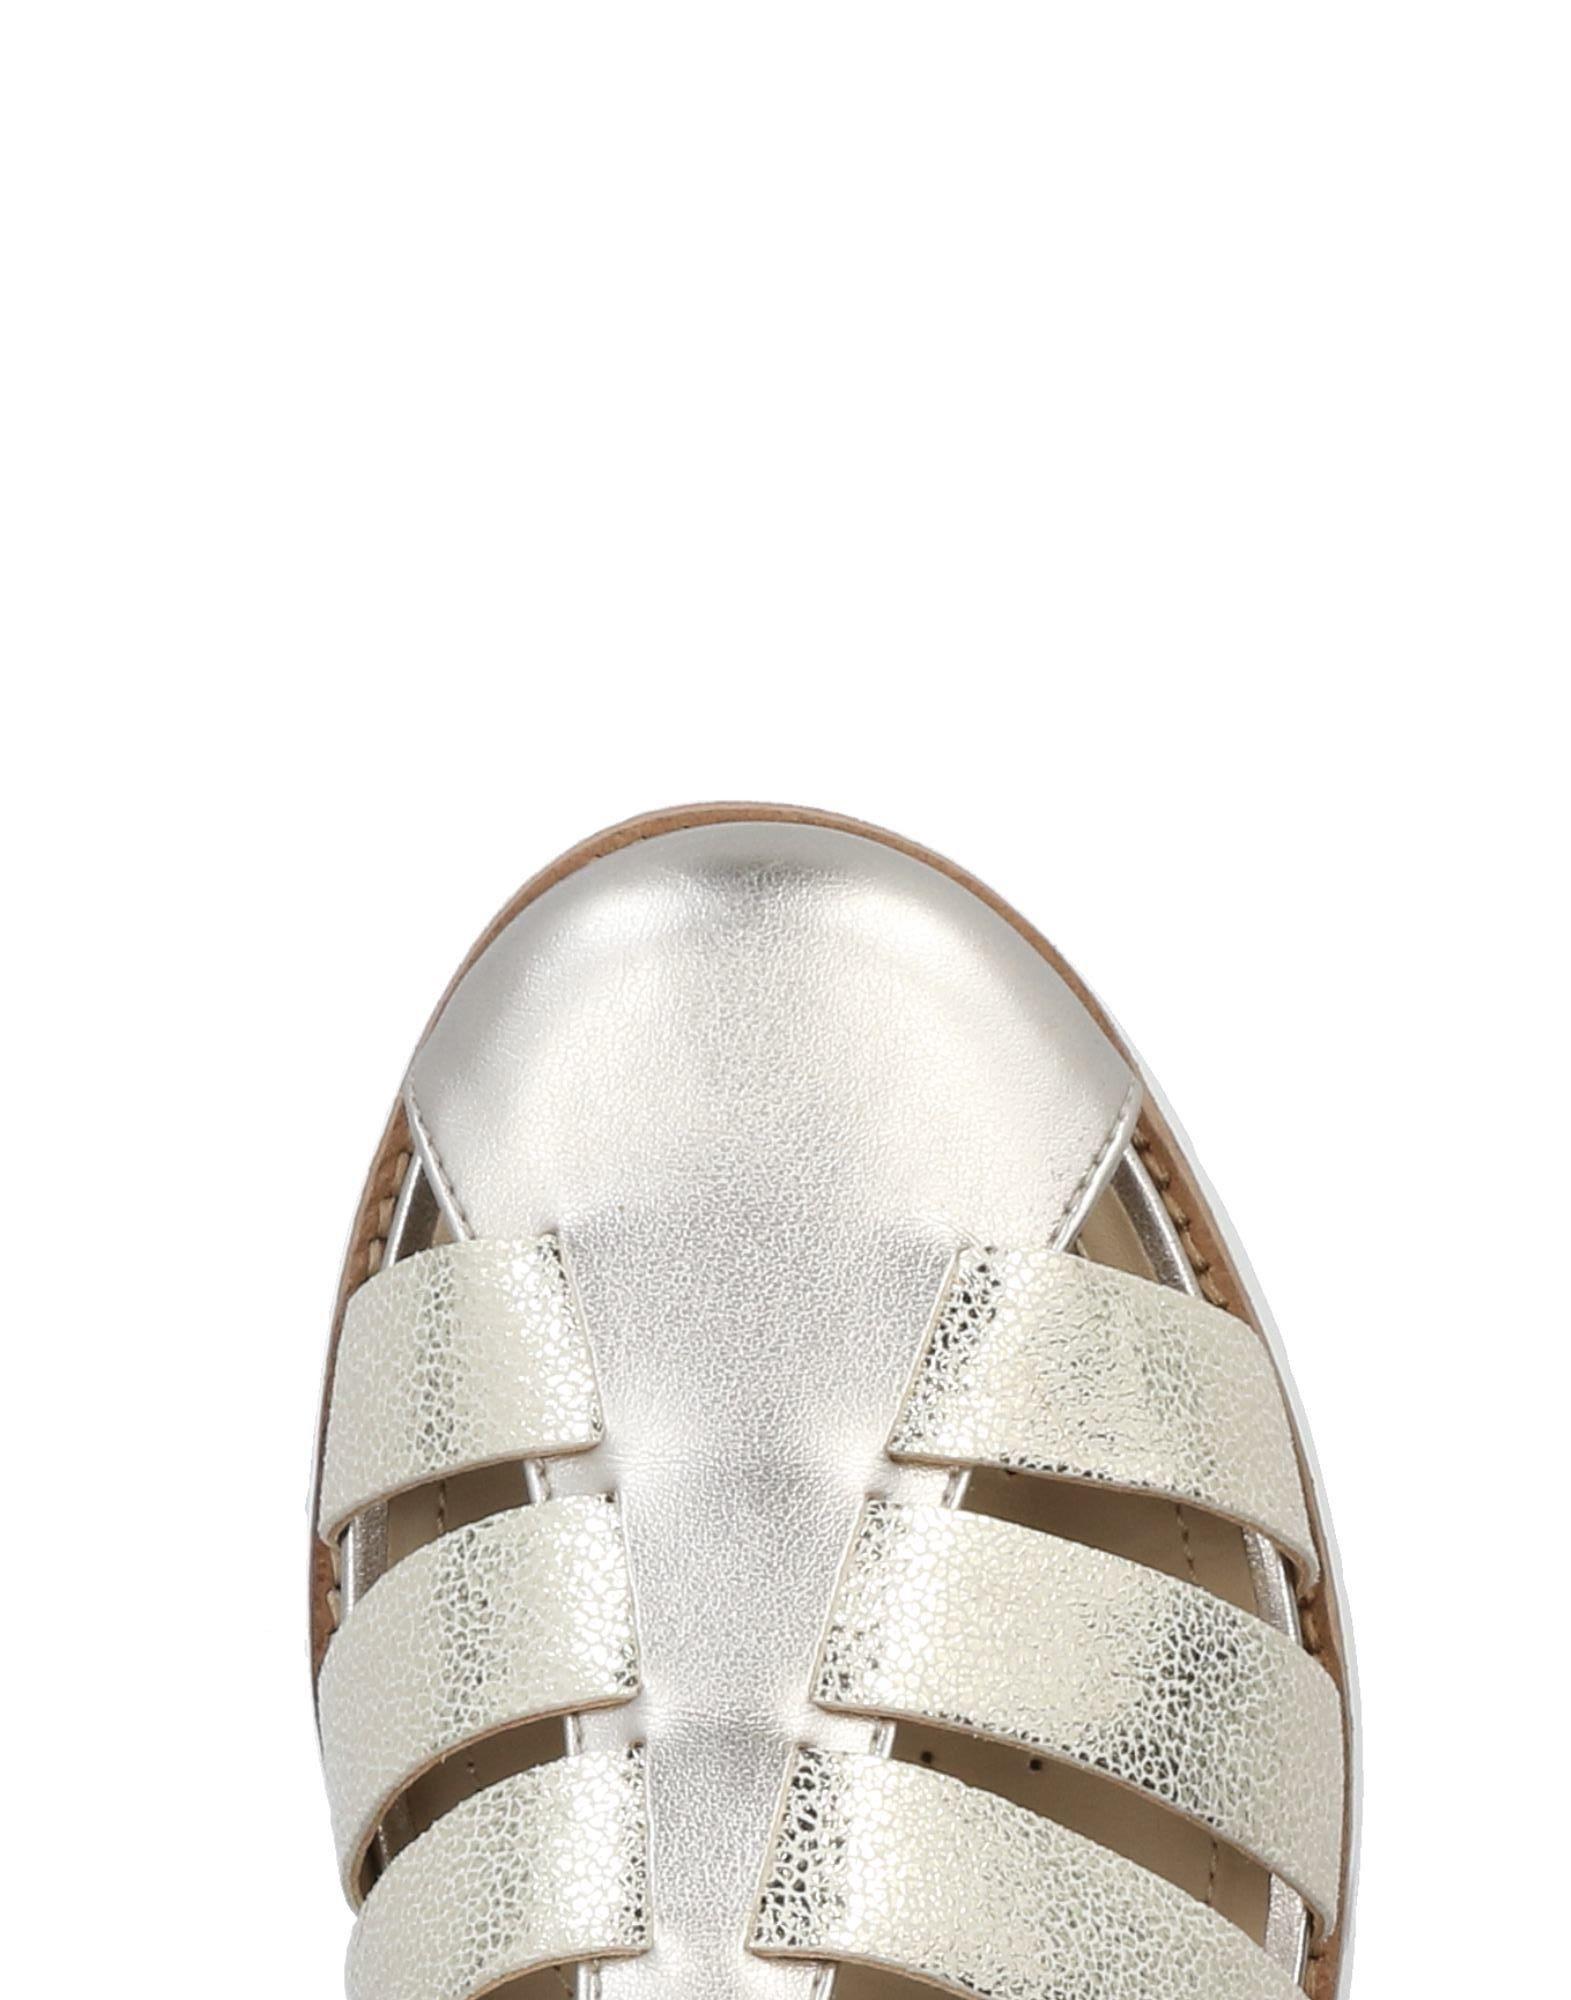 Geox Sandalen Qualität Damen  11415772VI Gute Qualität Sandalen beliebte Schuhe 32f6b2